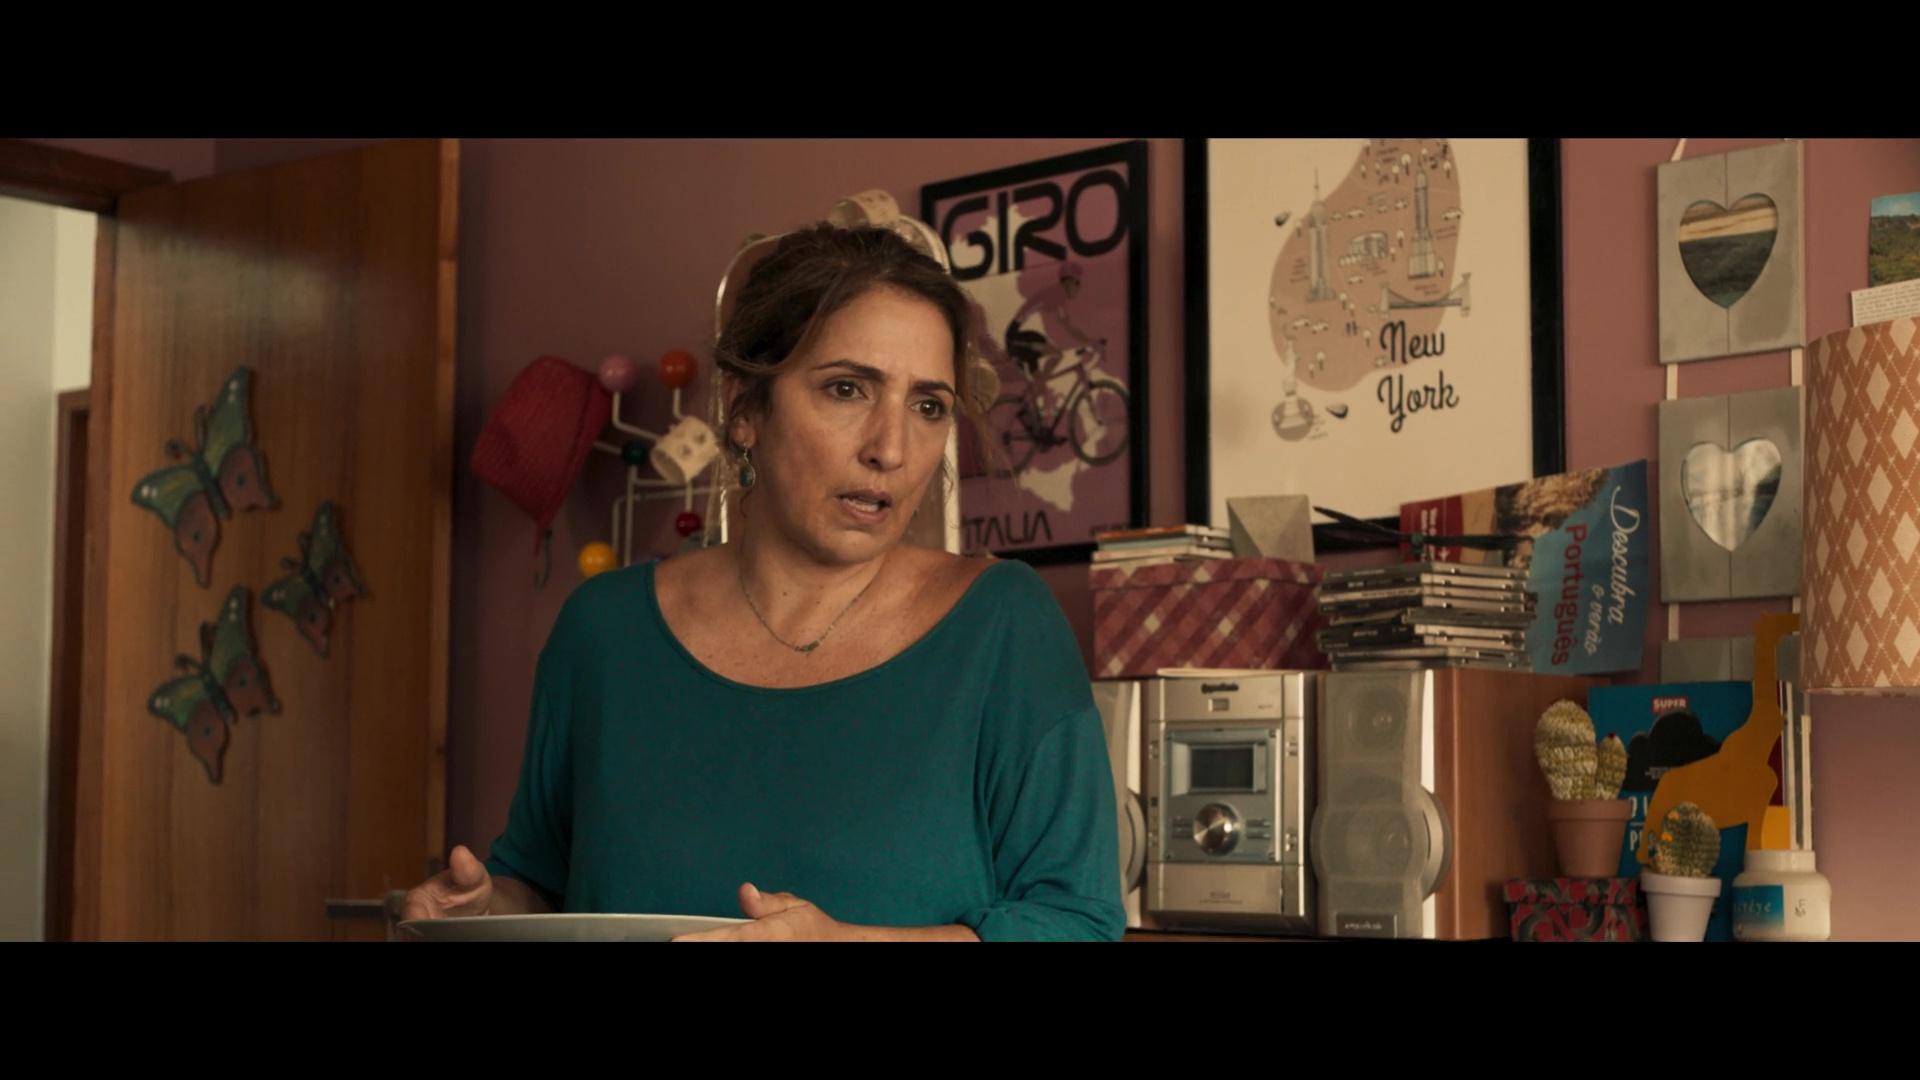 Diarios de un intercambio (2021) 1080p WEB-DL Latino